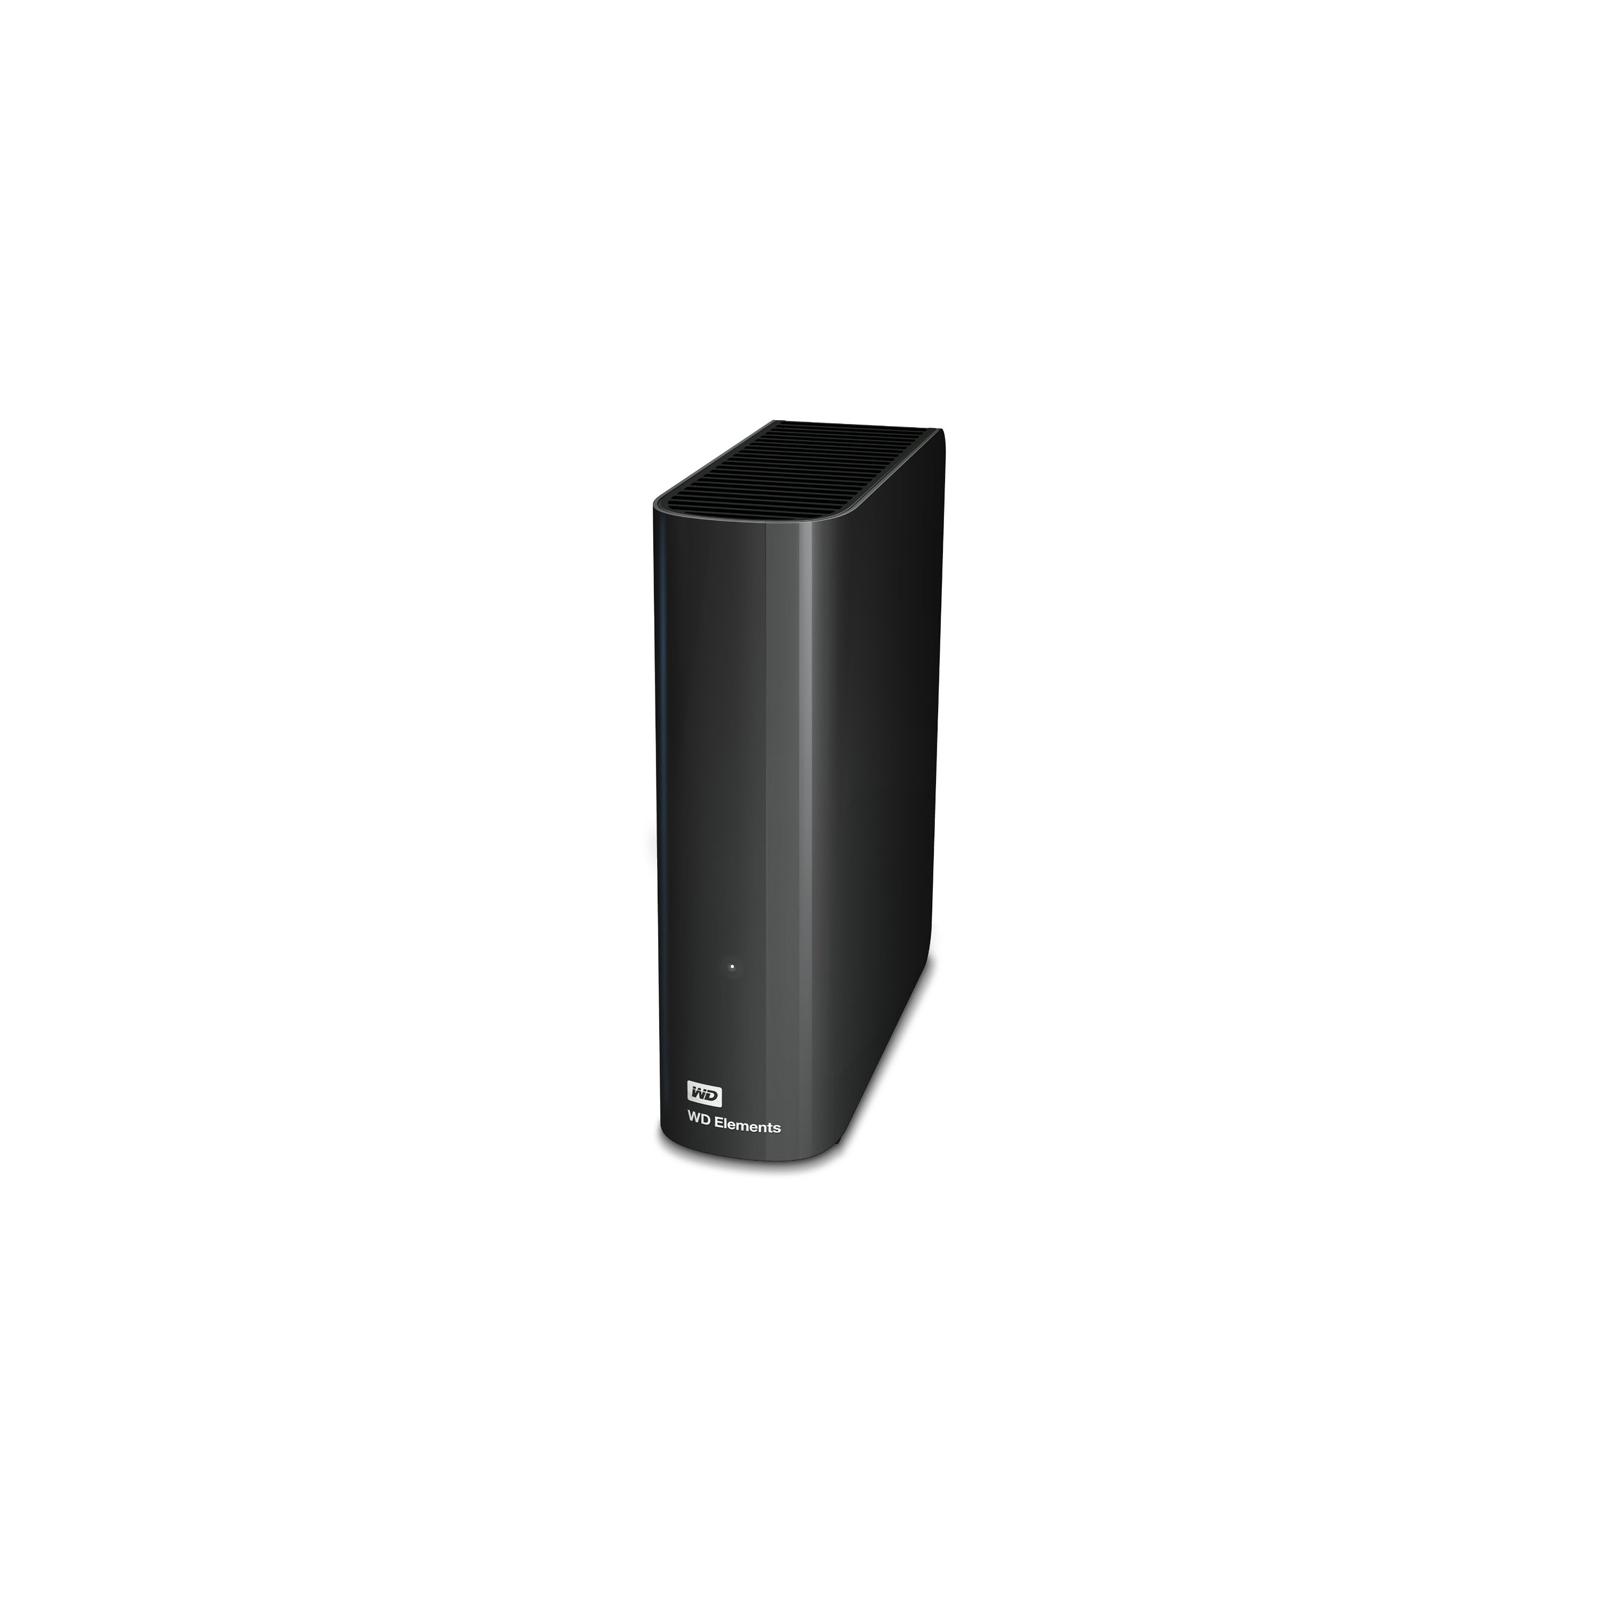 """Внешний жесткий диск 3.5"""" 3TB Western Digital (WDBWLG0030HBK-EESN) изображение 3"""